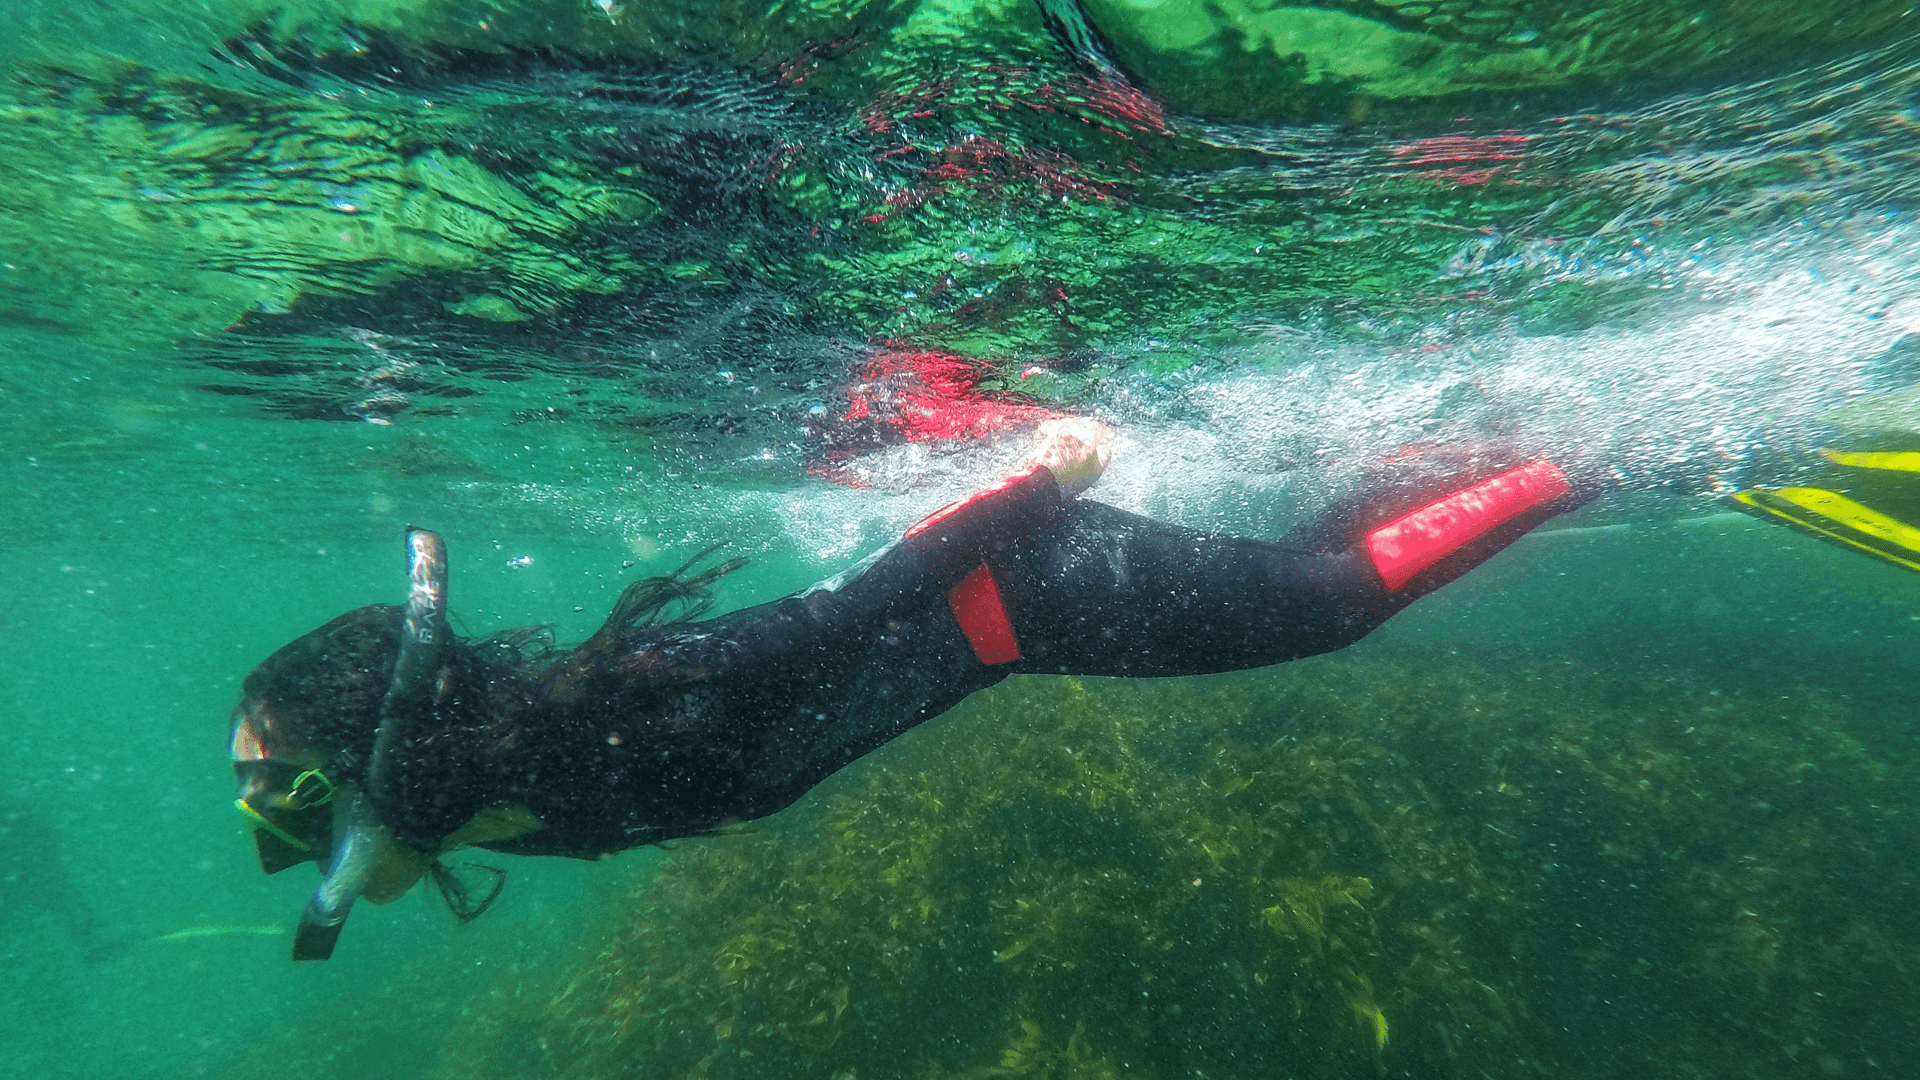 Mat_Amanda_amanda snorkelling in wetsuit in green water